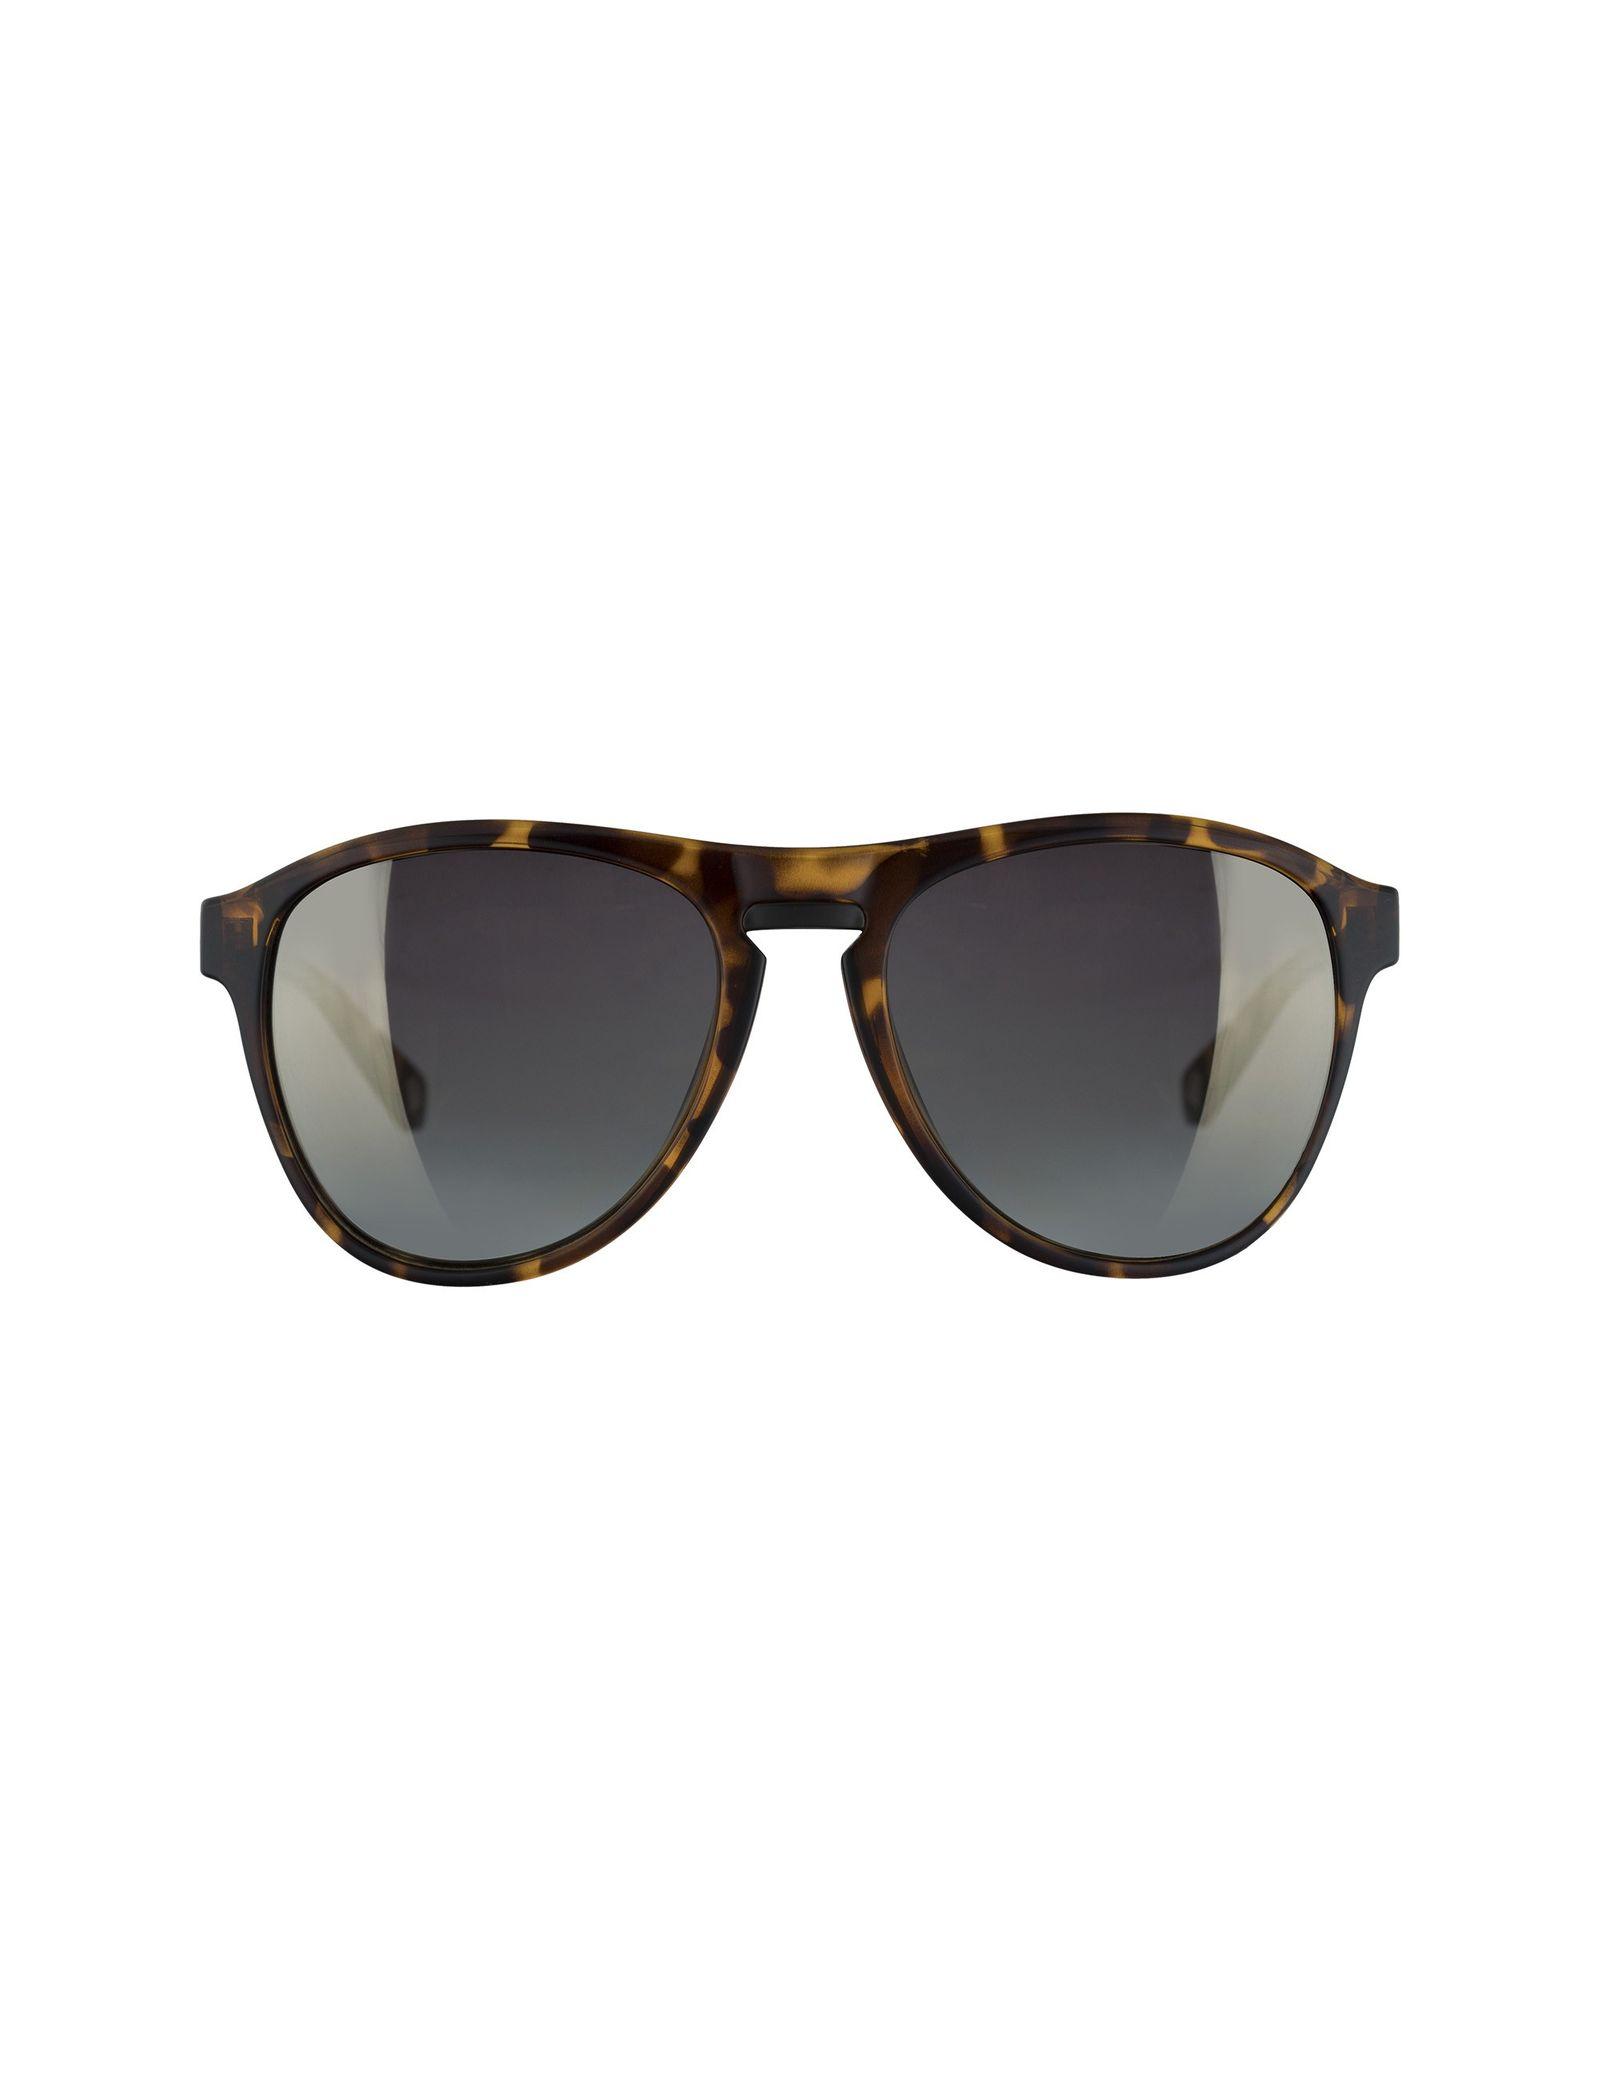 عینک آفتابی خلبانی زنانه - تد بیکر - قهوه اي لاک پشتي - 3